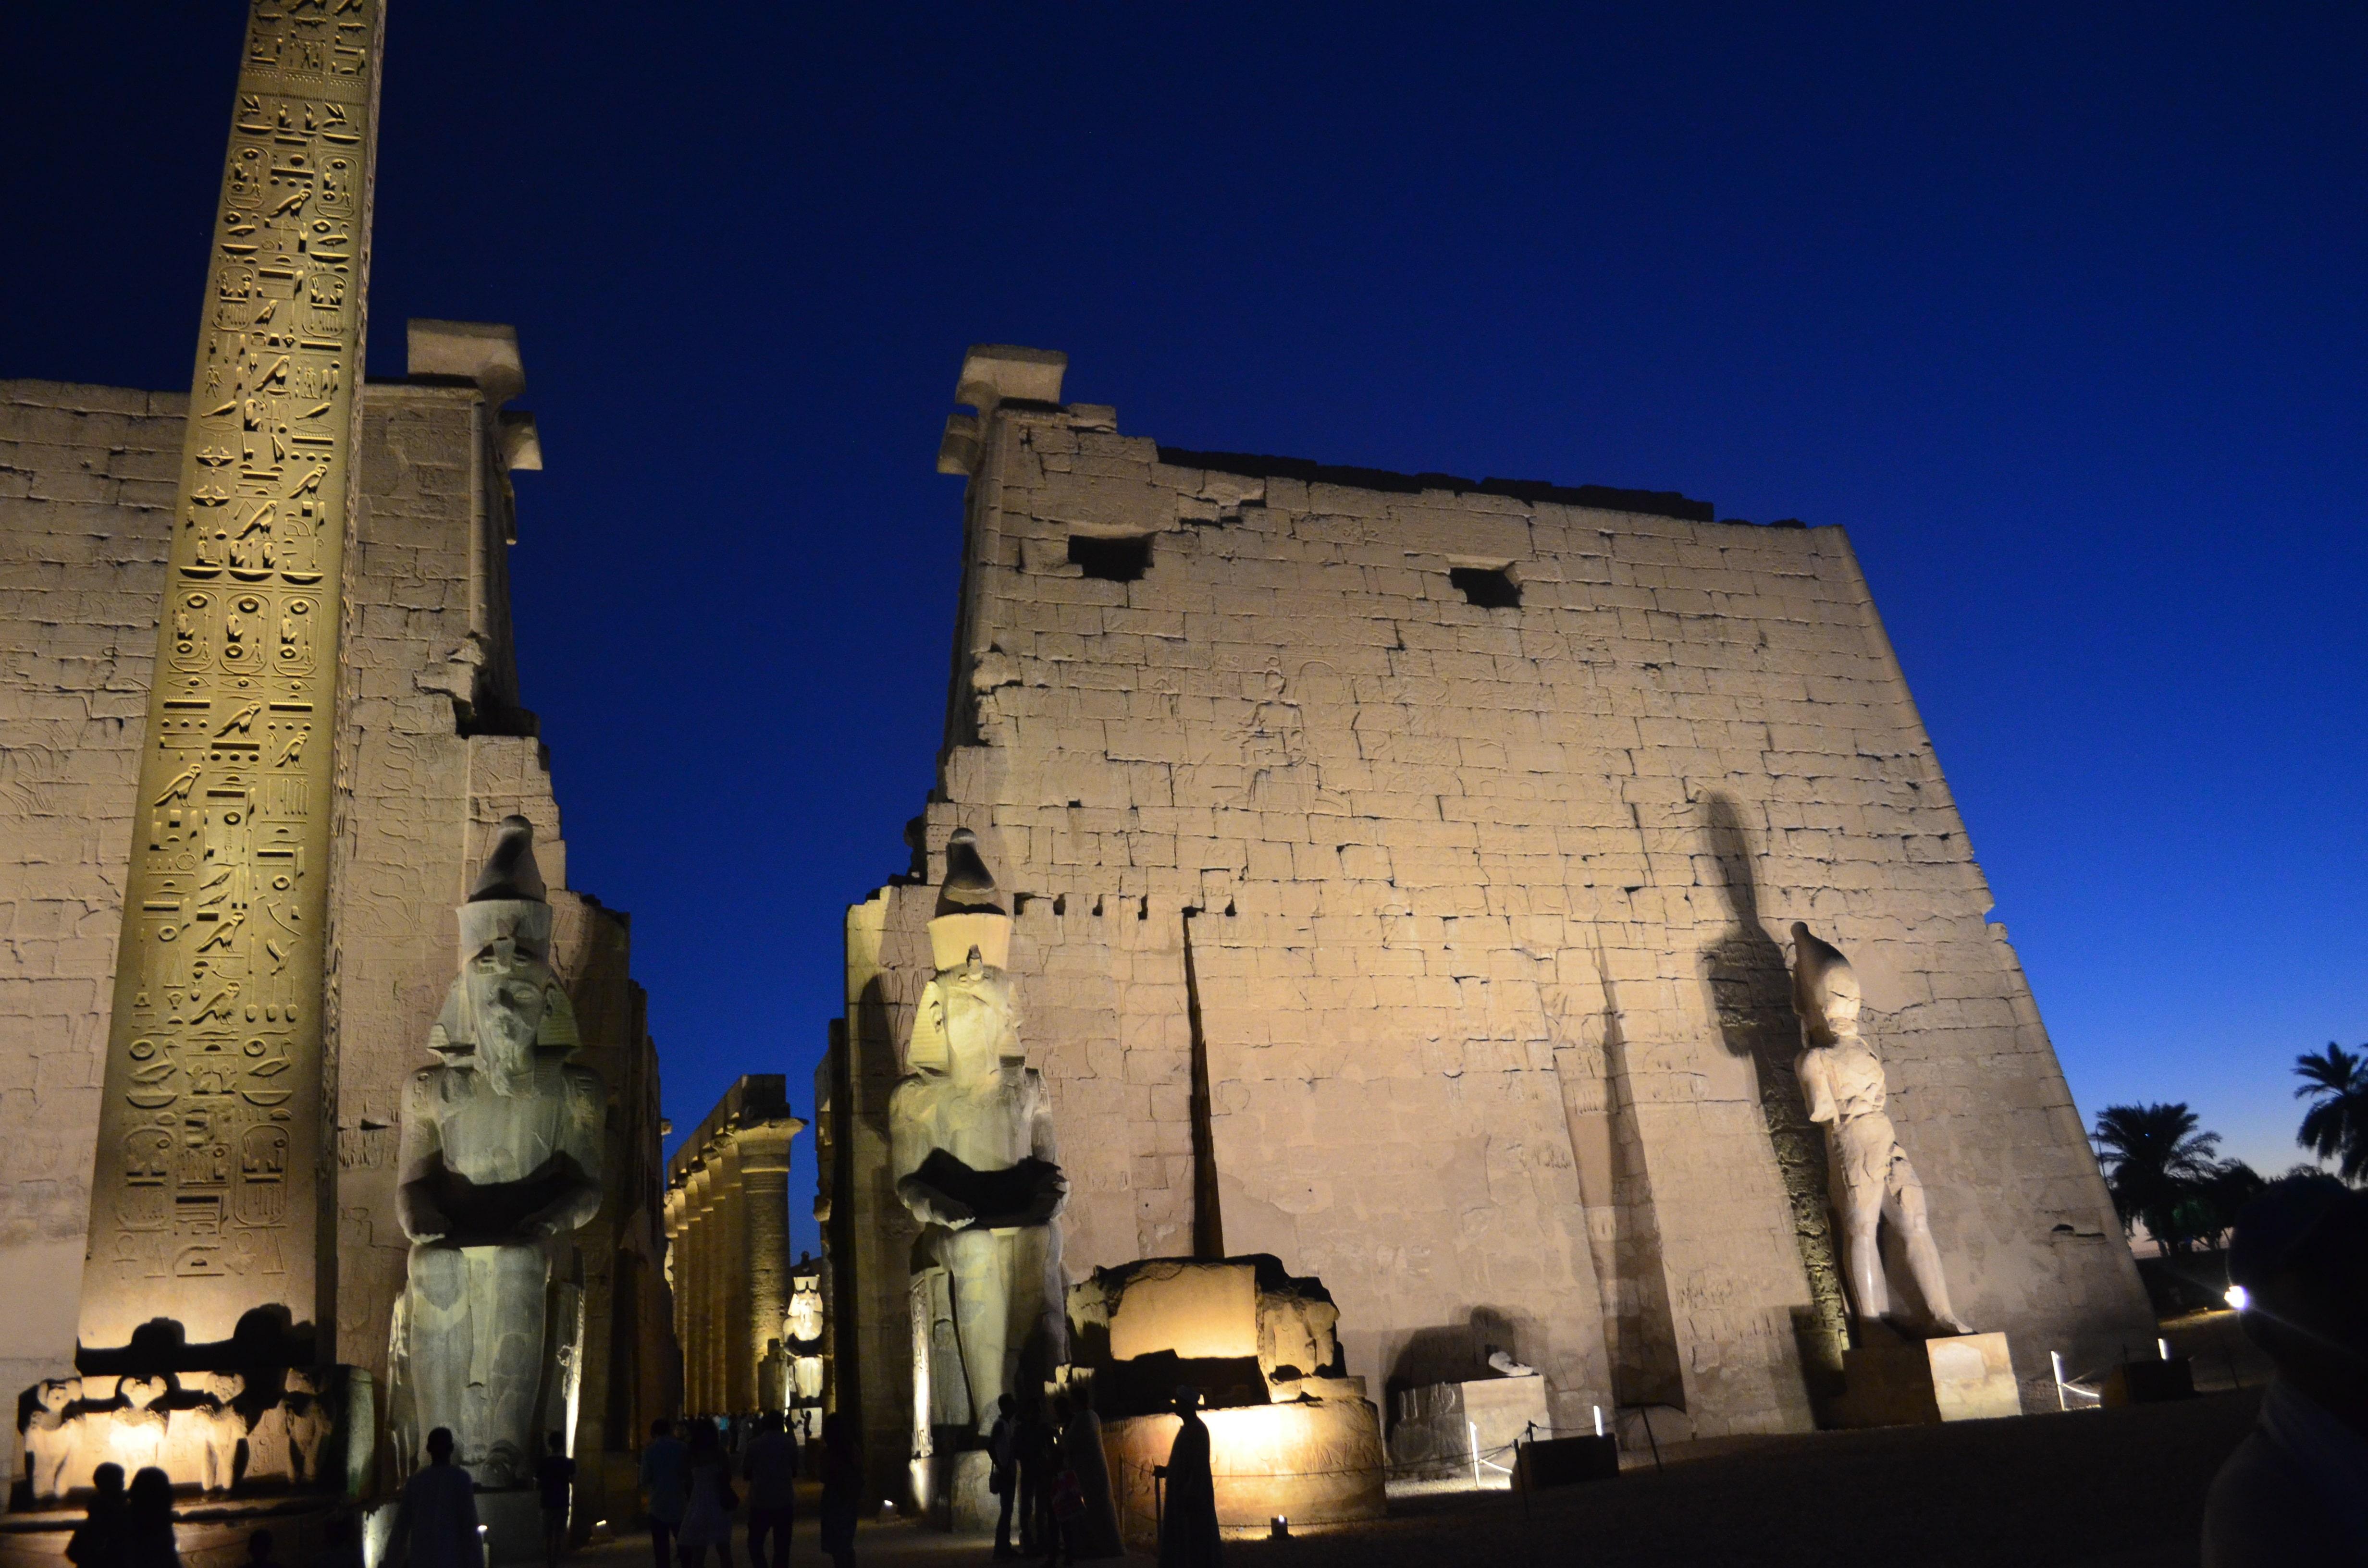 Vista del Templo de Luxor en Egipto